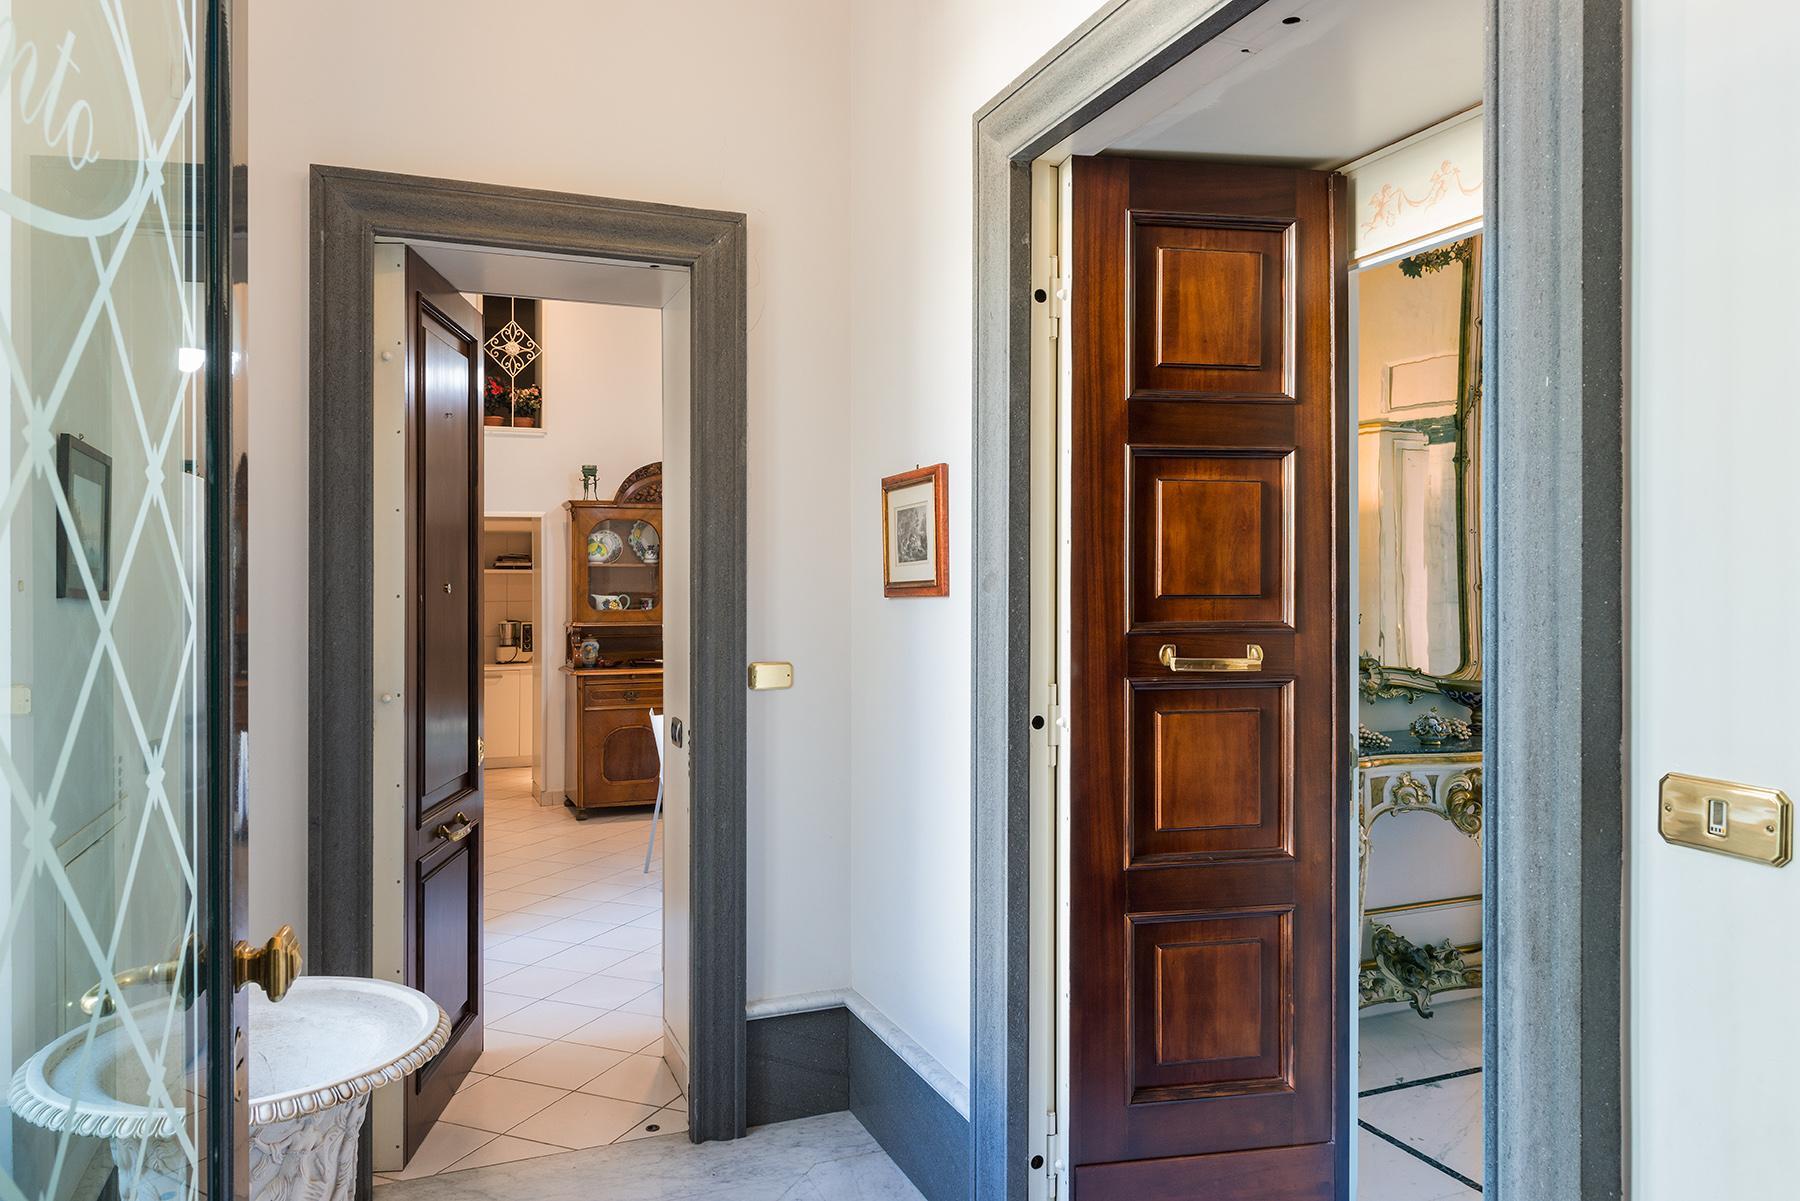 古典风格的奢华公寓 - 13